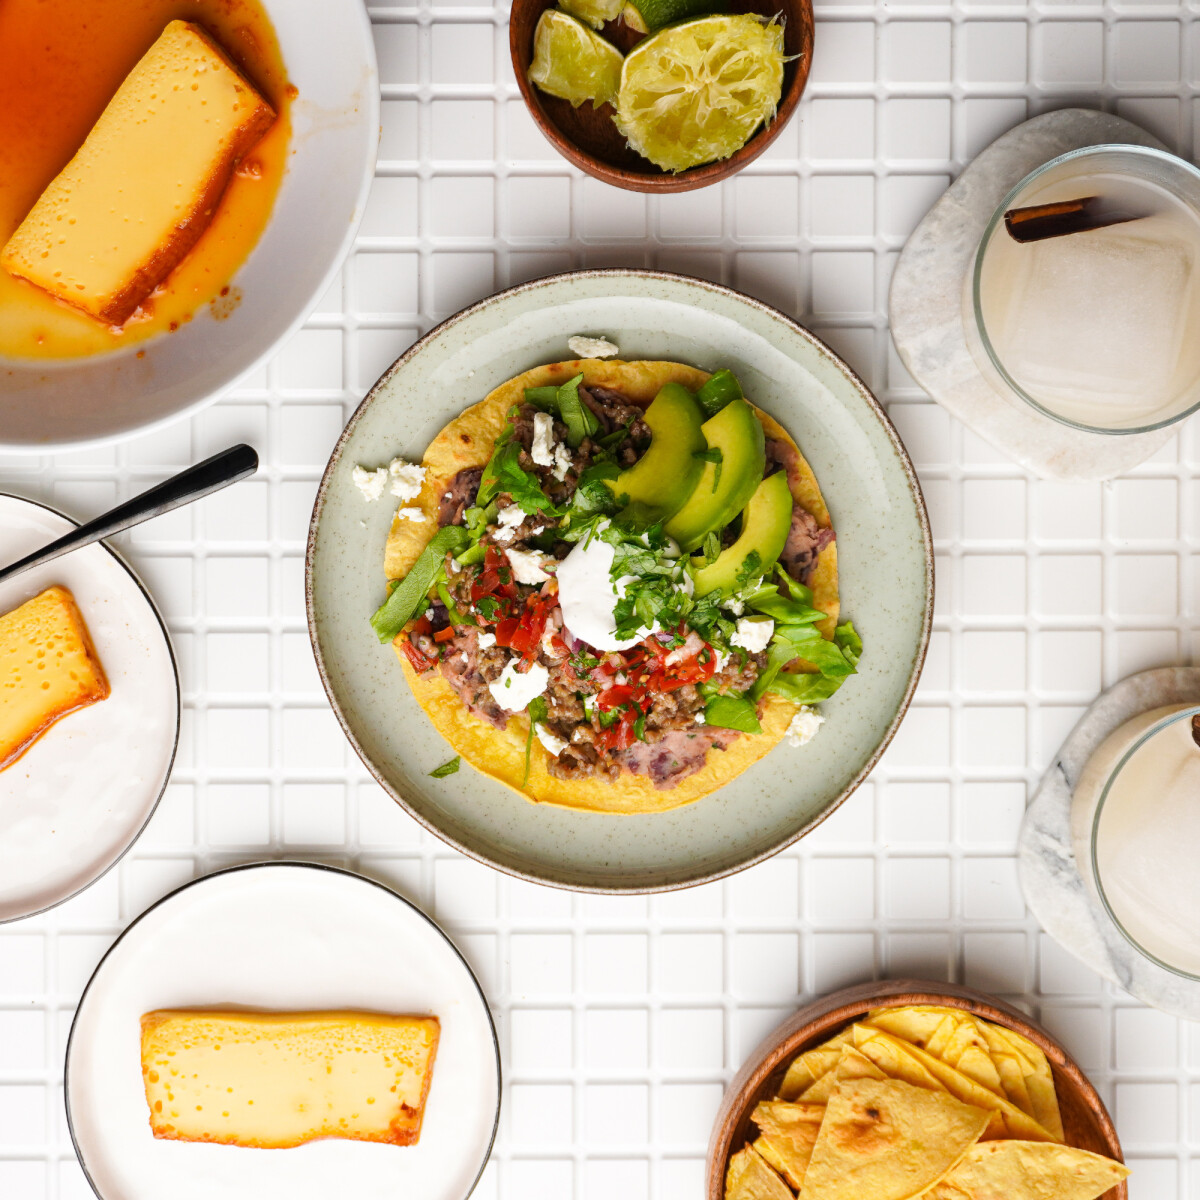 Tostada, horchata, flan: autentikus mexikói ízeket hoztunk cinco de mayo alkalmából